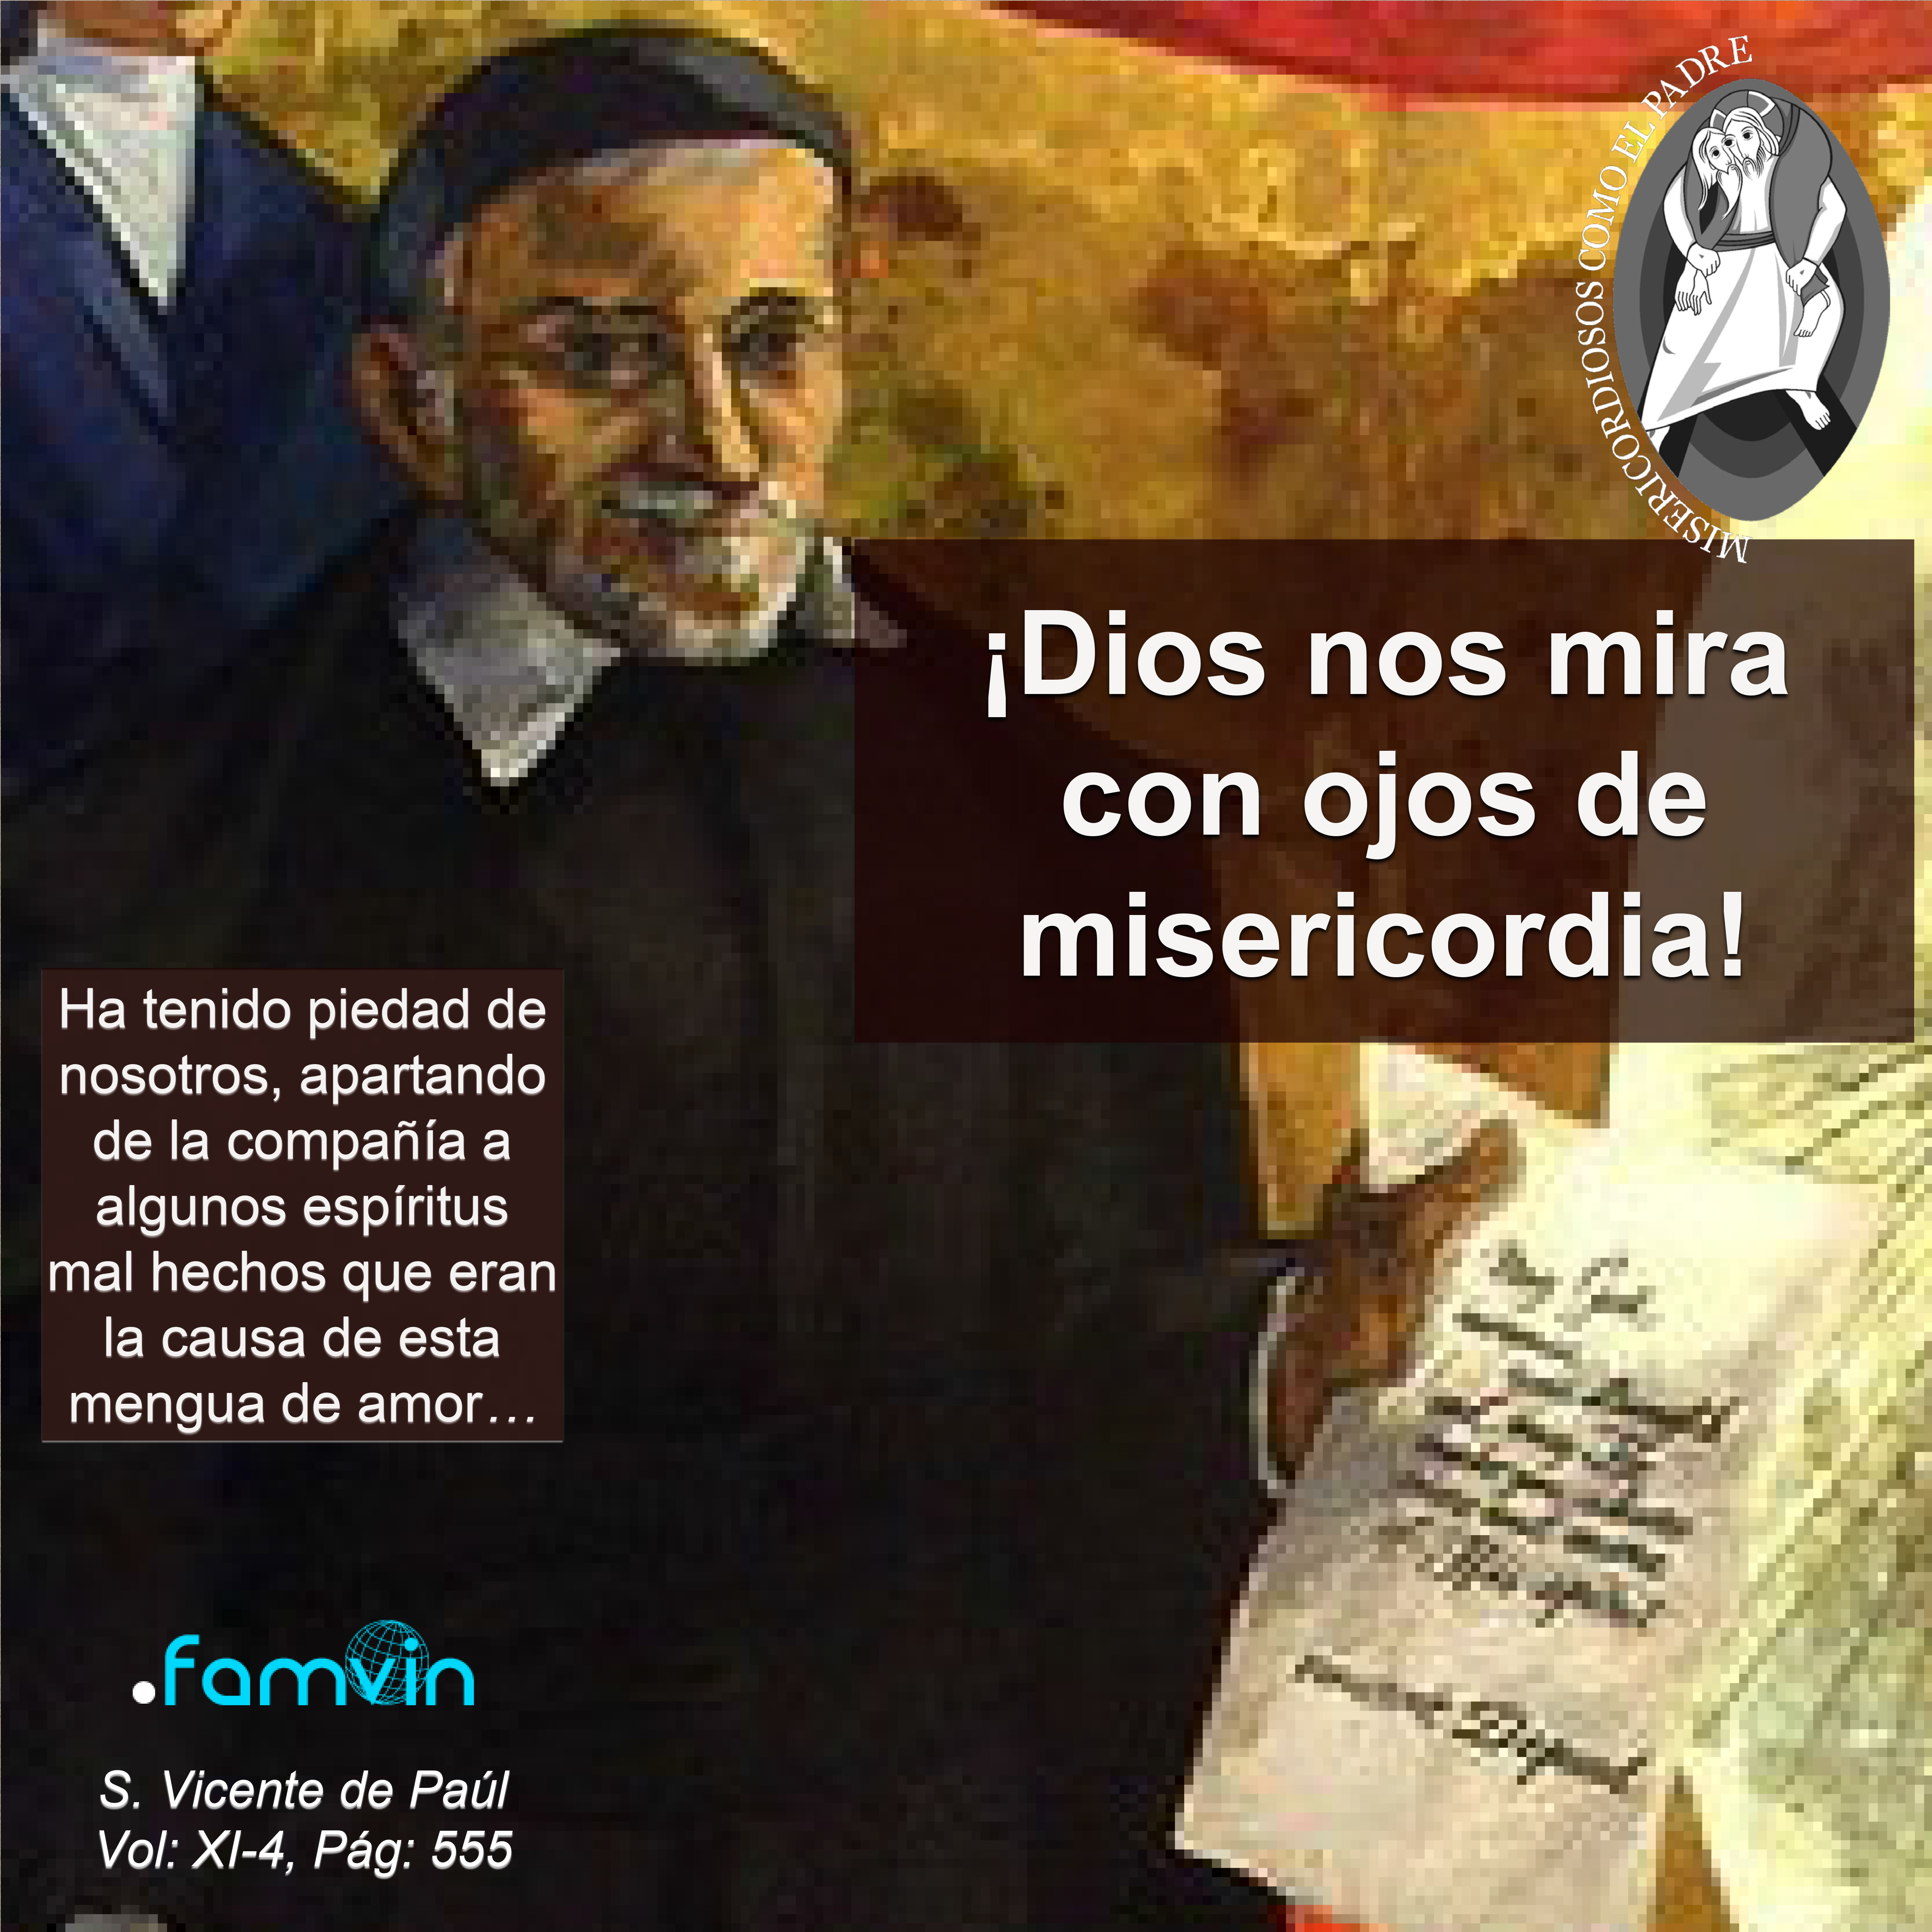 El Año de la Misericordia para Vicencianos 02.08.2016